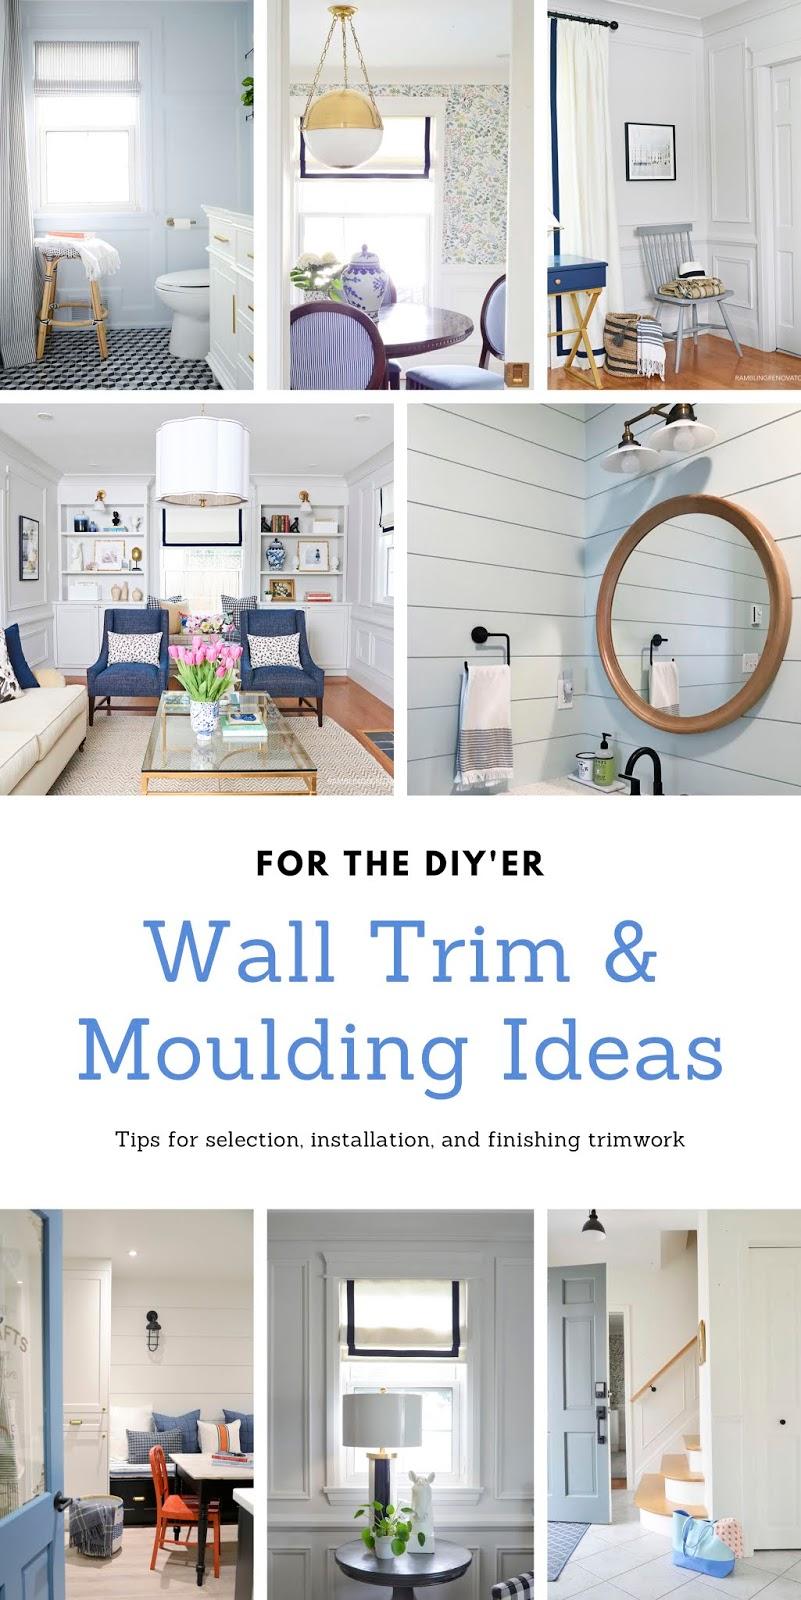 wall trim ideas, wall molding ideas, wall moulding ideas, wall molding, shiplap alternatives, board and batten, wainscotting